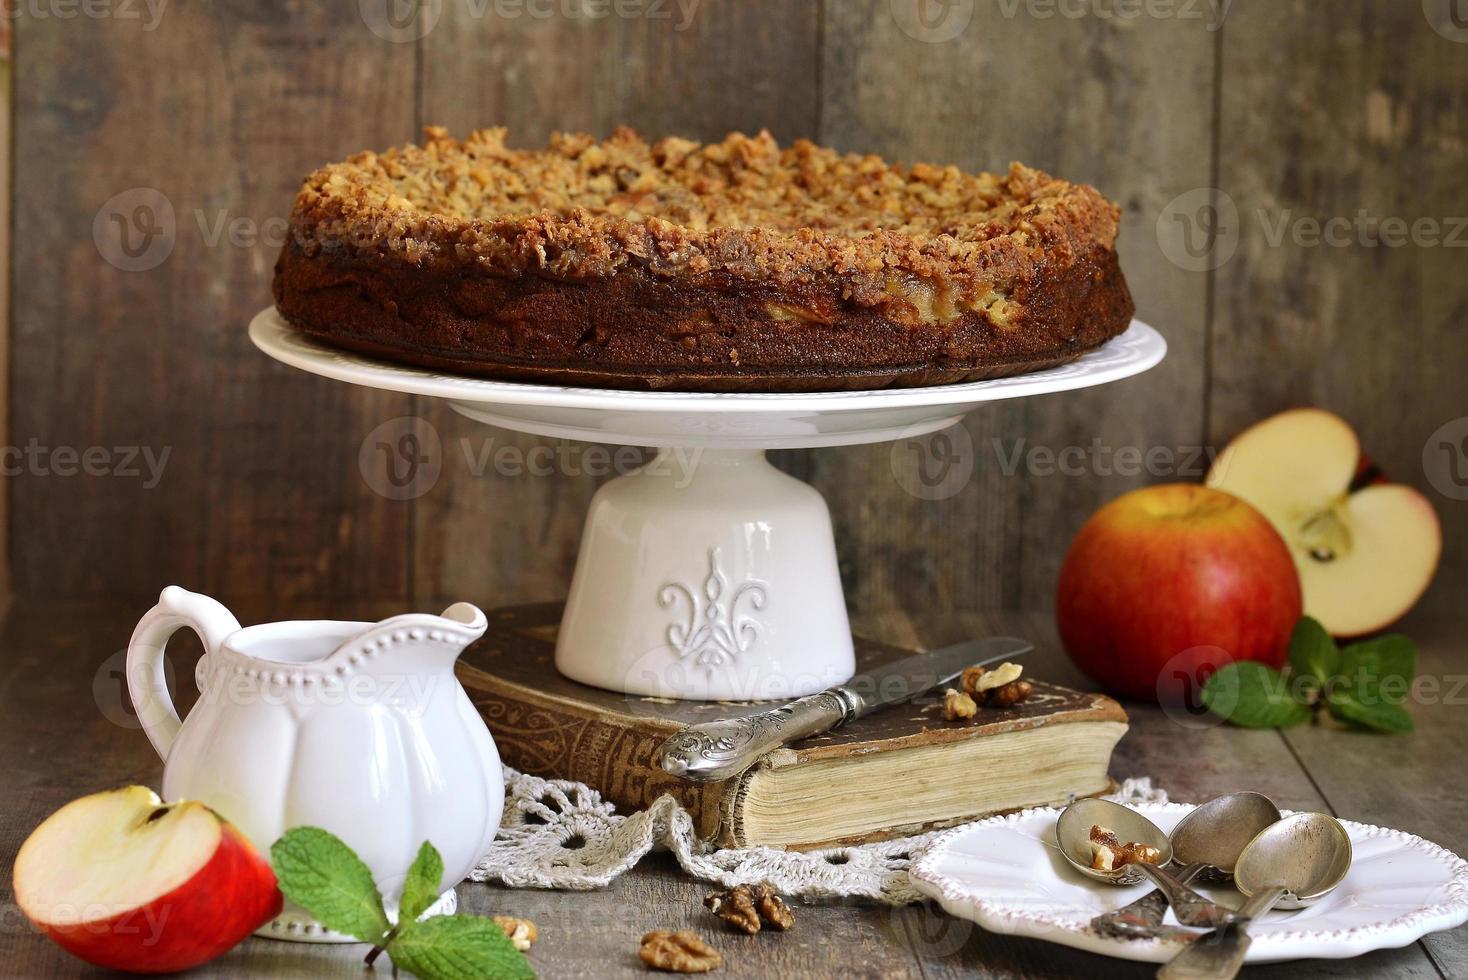 torta de maçã com nozes e açúcar esmalte. foto